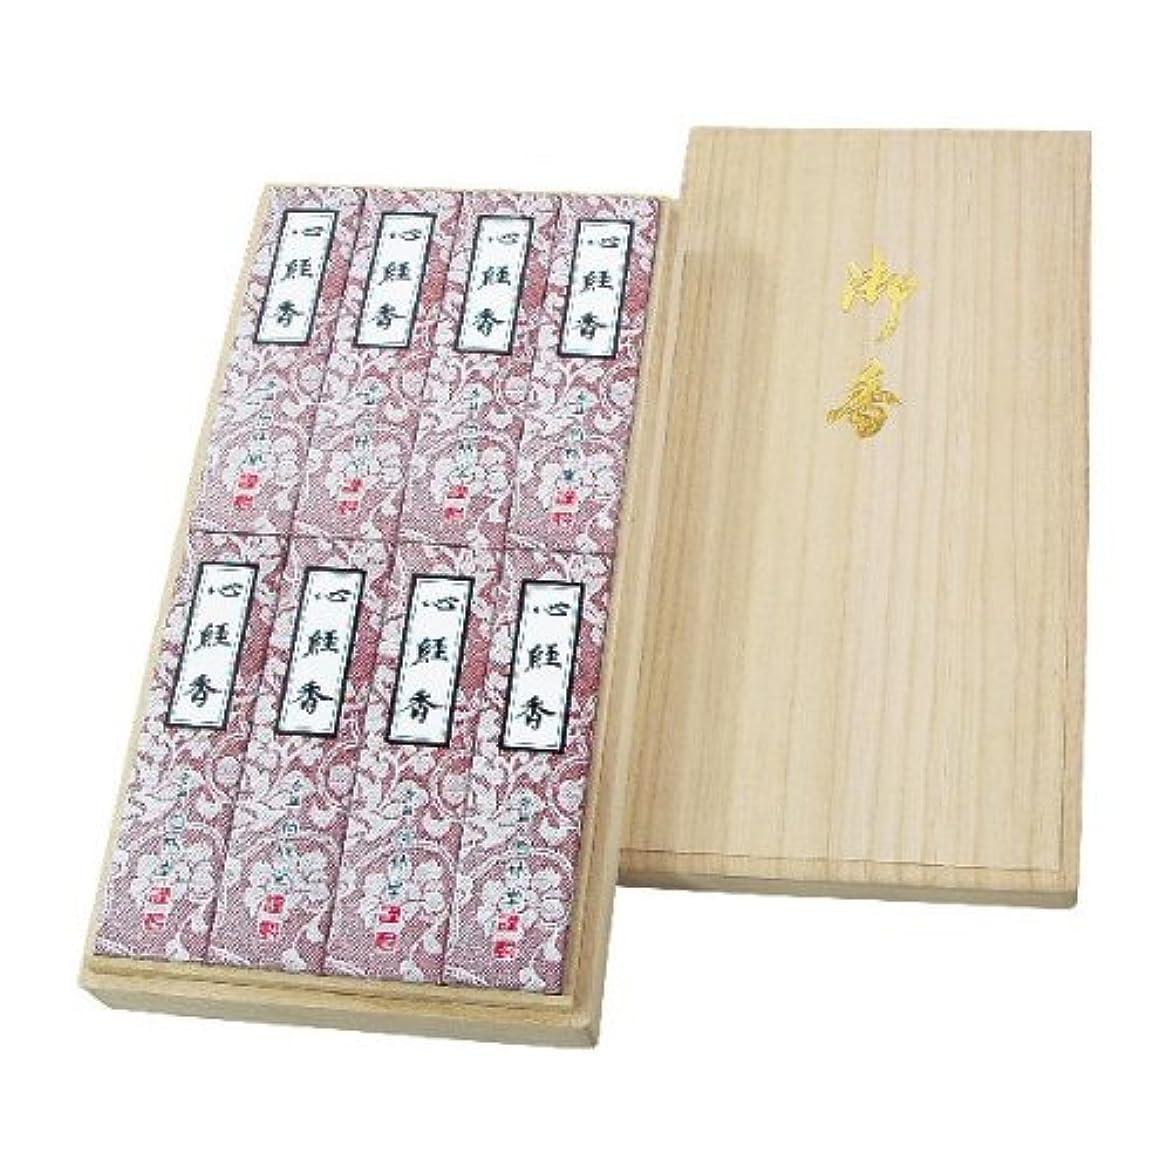 鋼ルール定義桐箱詰合せ(中) 贈り物用 贈答用 ギフト用 お線香